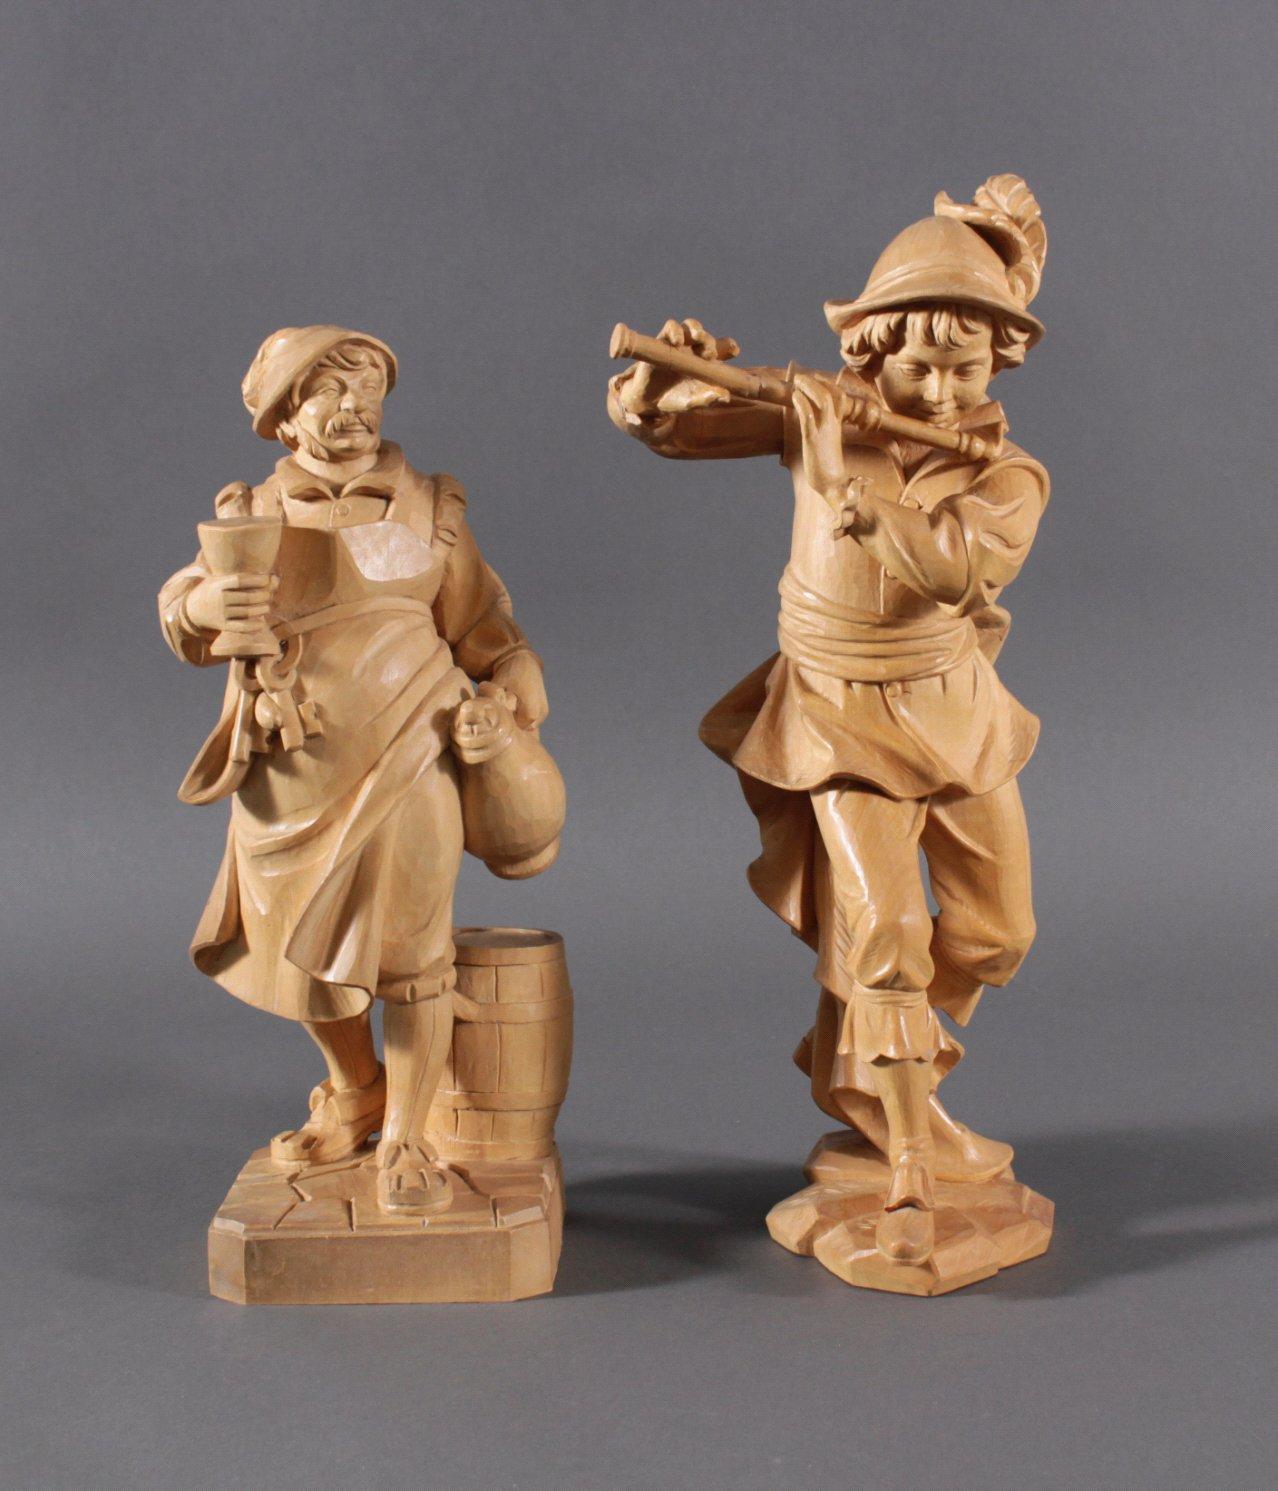 2 Holz-Skulpturen, Flötenspieler und Weinbauer